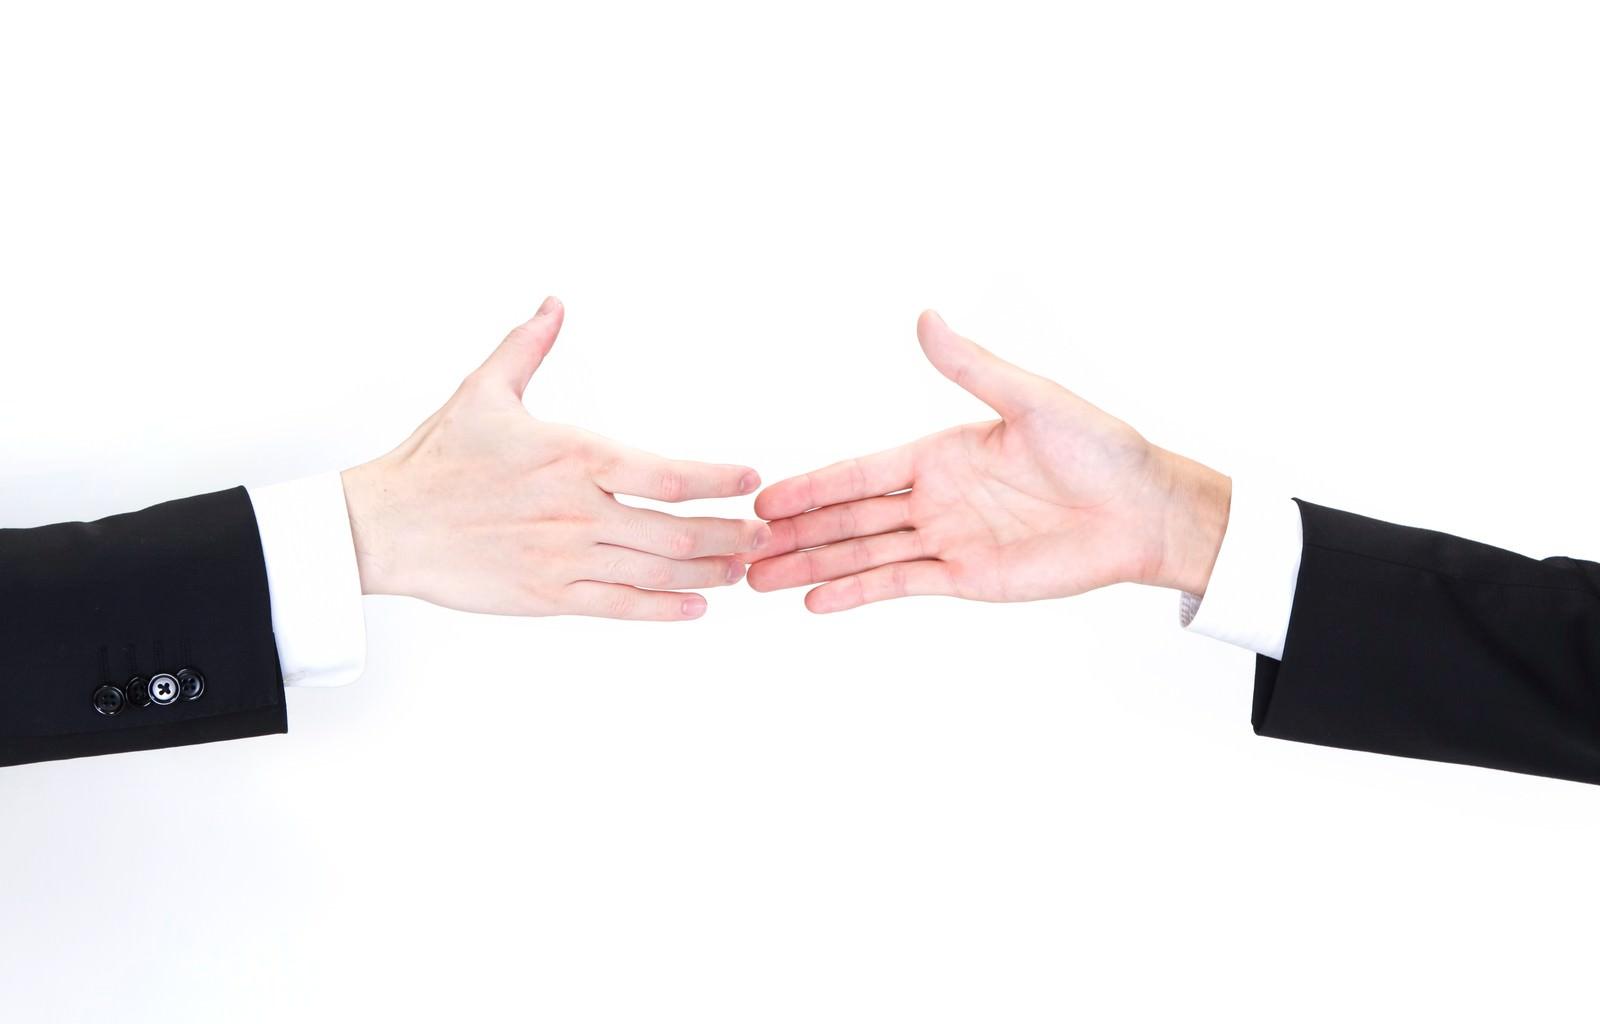 「握手を交わすビジネスマンの手握手を交わすビジネスマンの手」のフリー写真素材を拡大